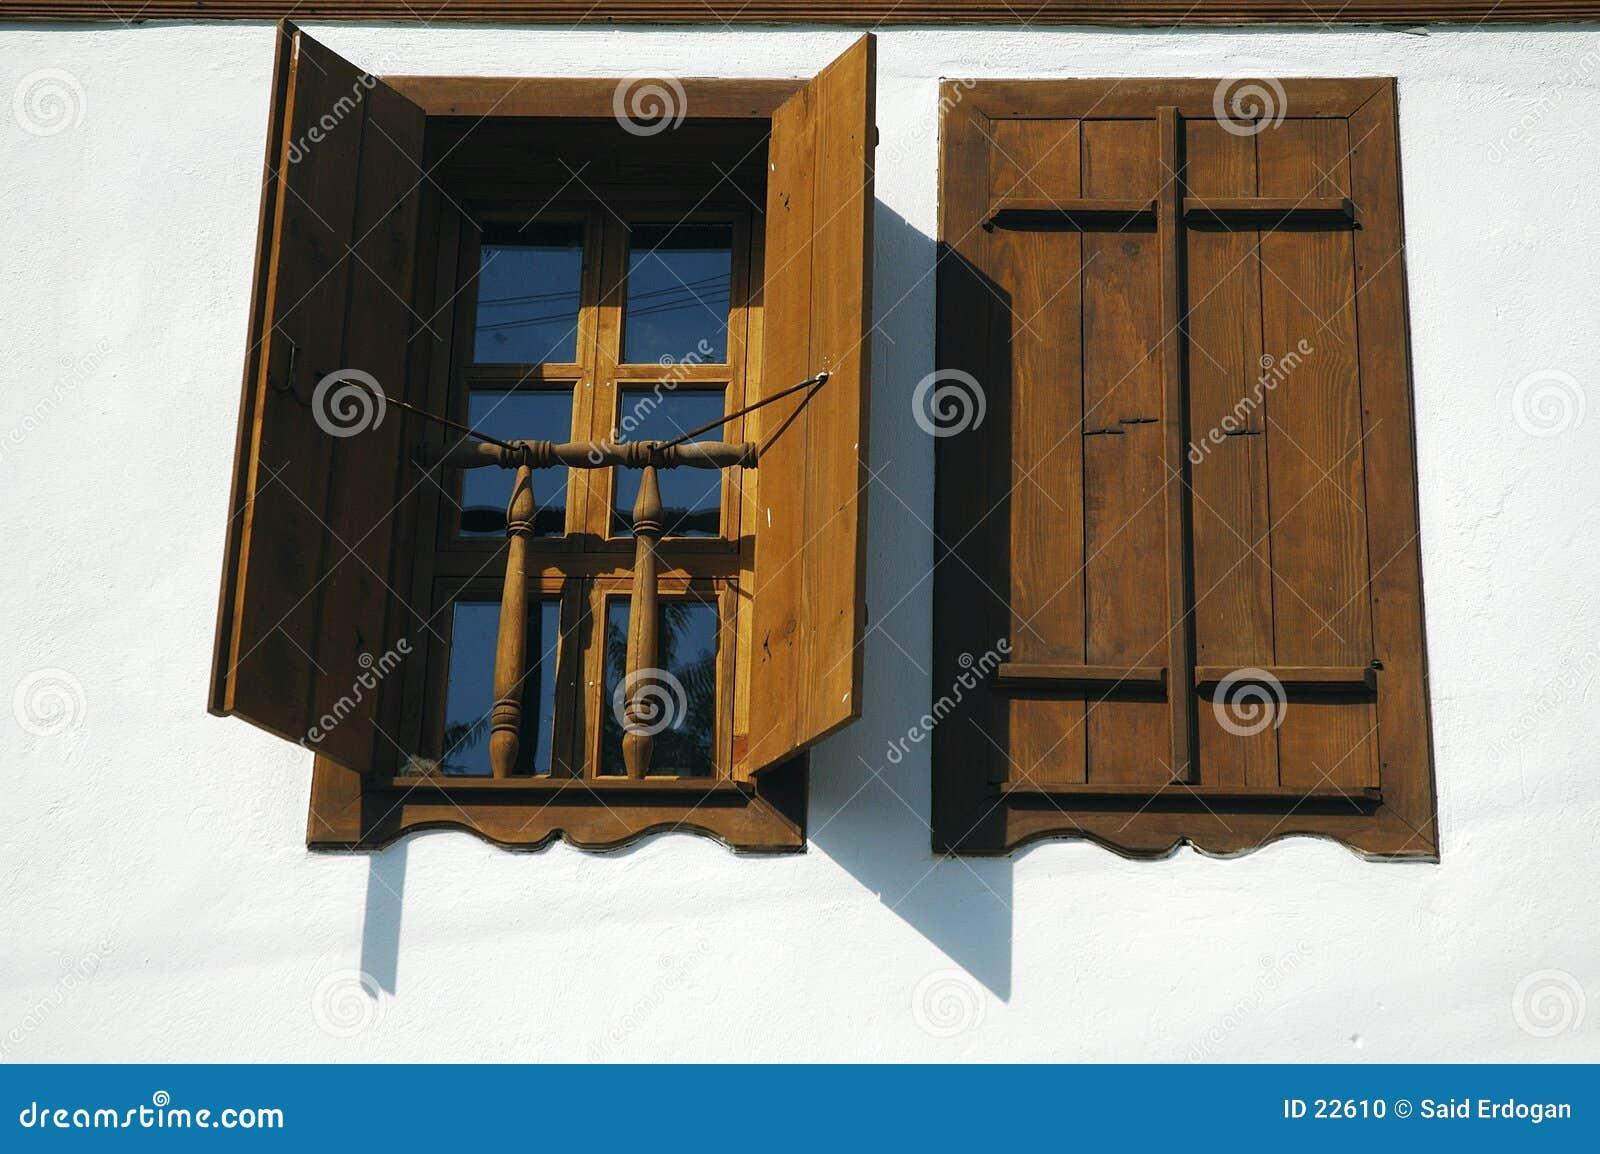 Double Windows